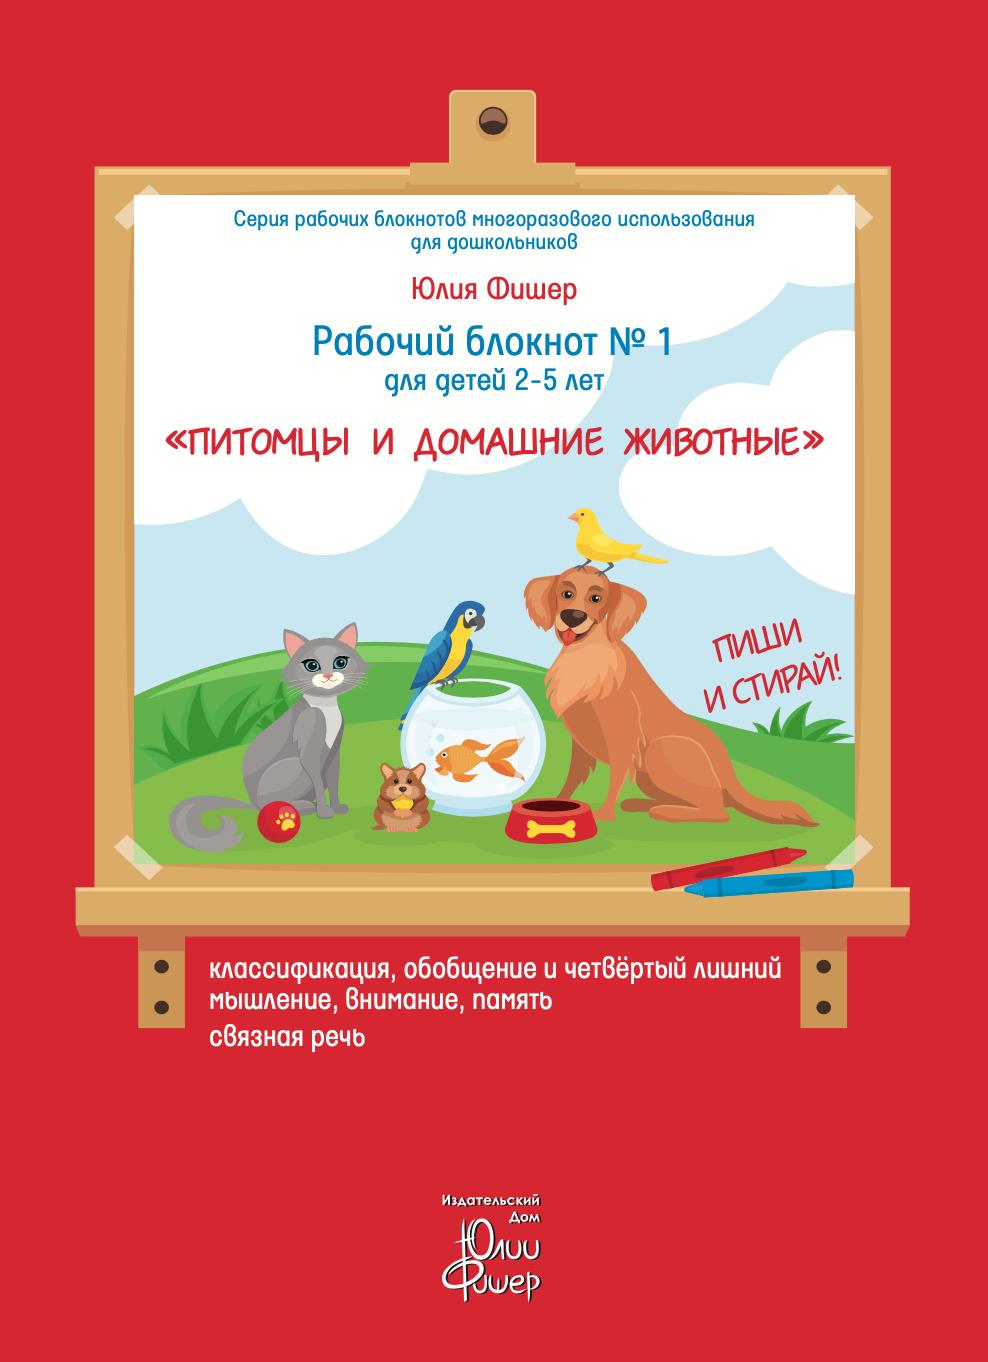 """Рабочий блокнот №1 для детей 2-5 лет """"Питомцы и домашние животные""""."""